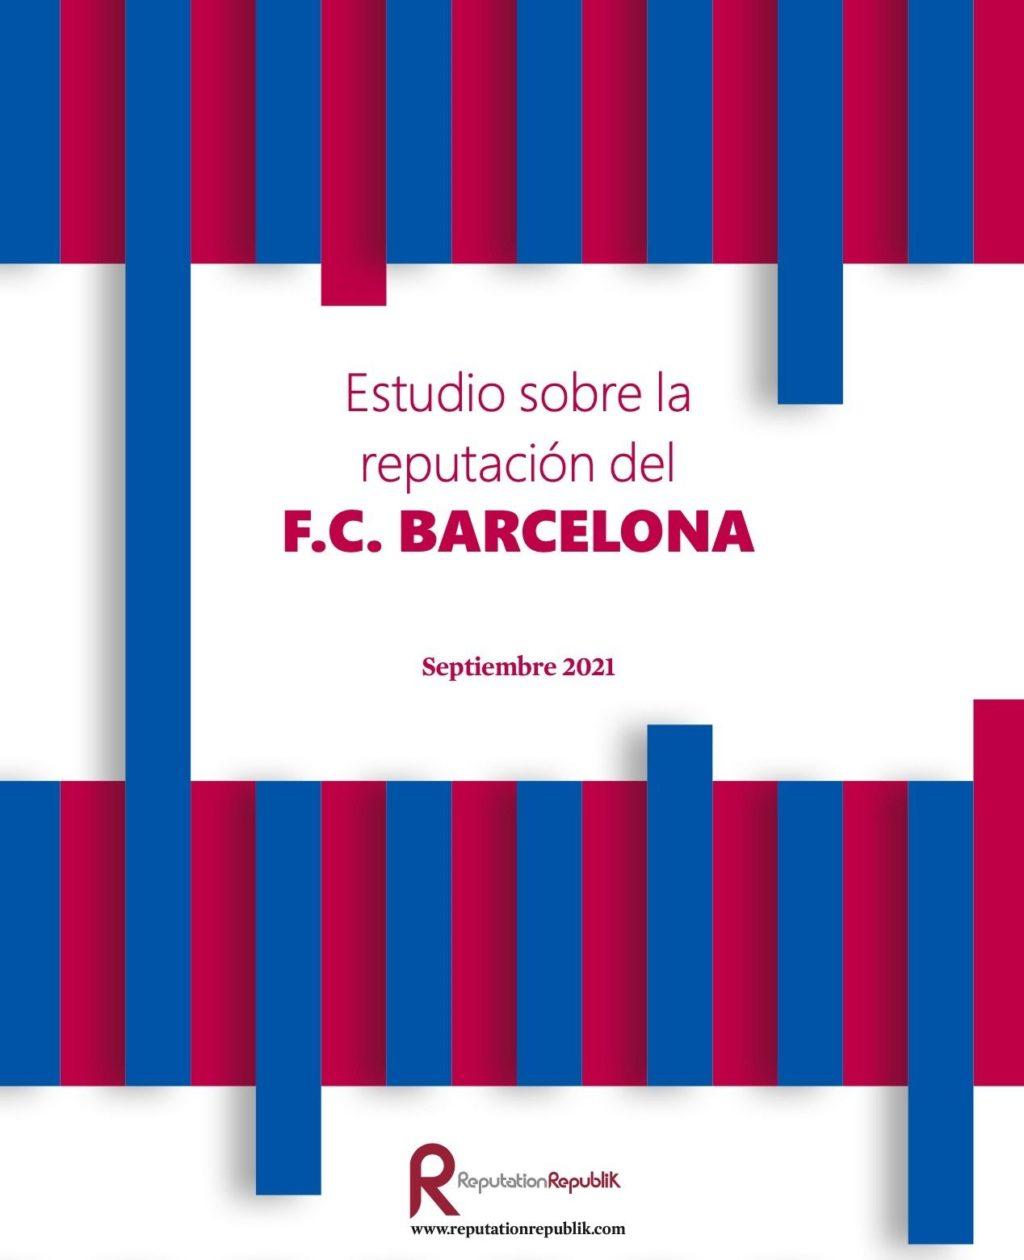 Foto de Estudio sobre la reputación del FC Barcelona